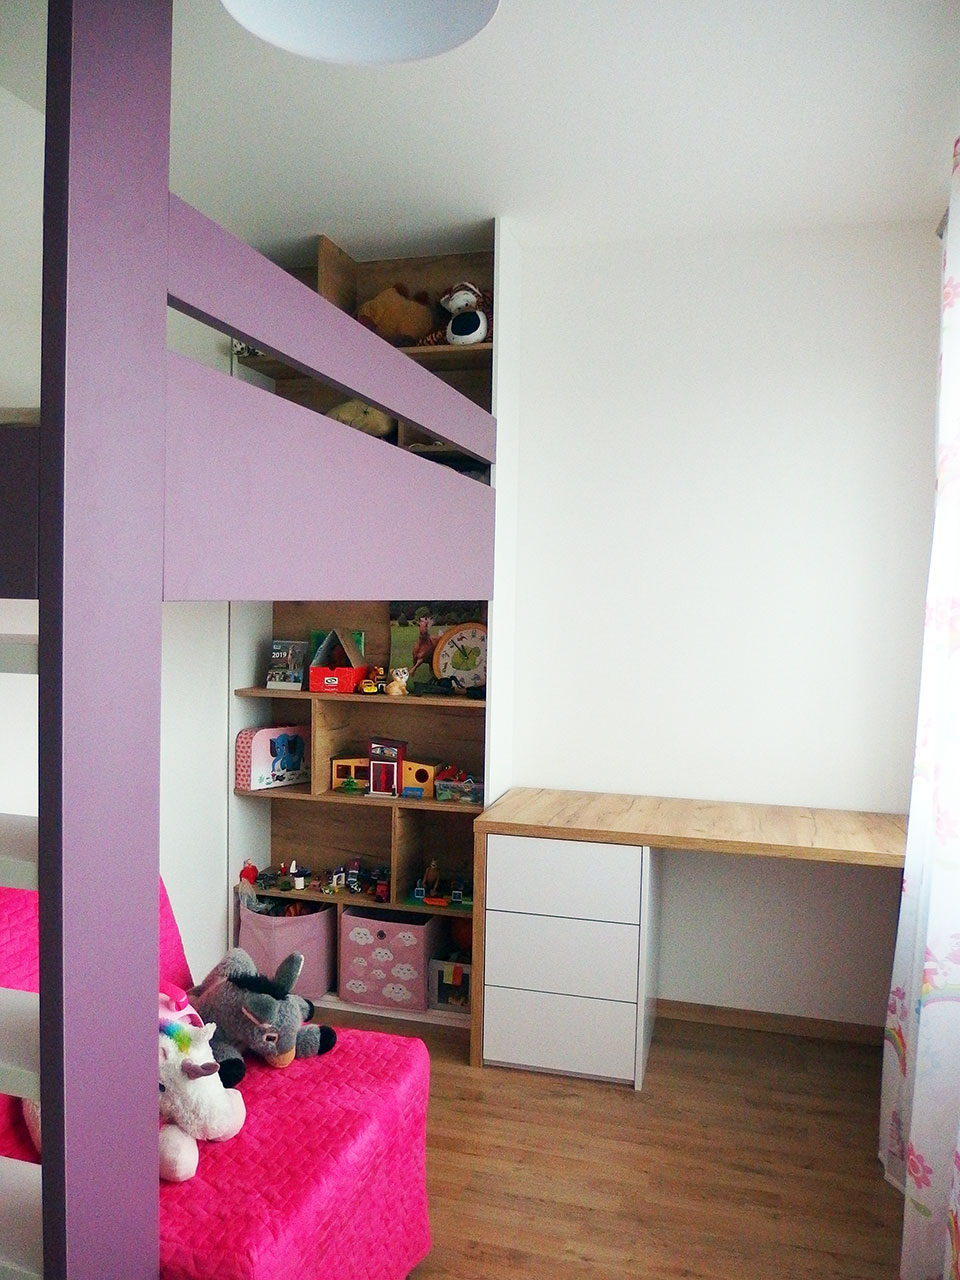 Realizace kompletního interieru vč. patrové postele a otevřené knihovny do dětského pokoje pro holčičku Praha 9